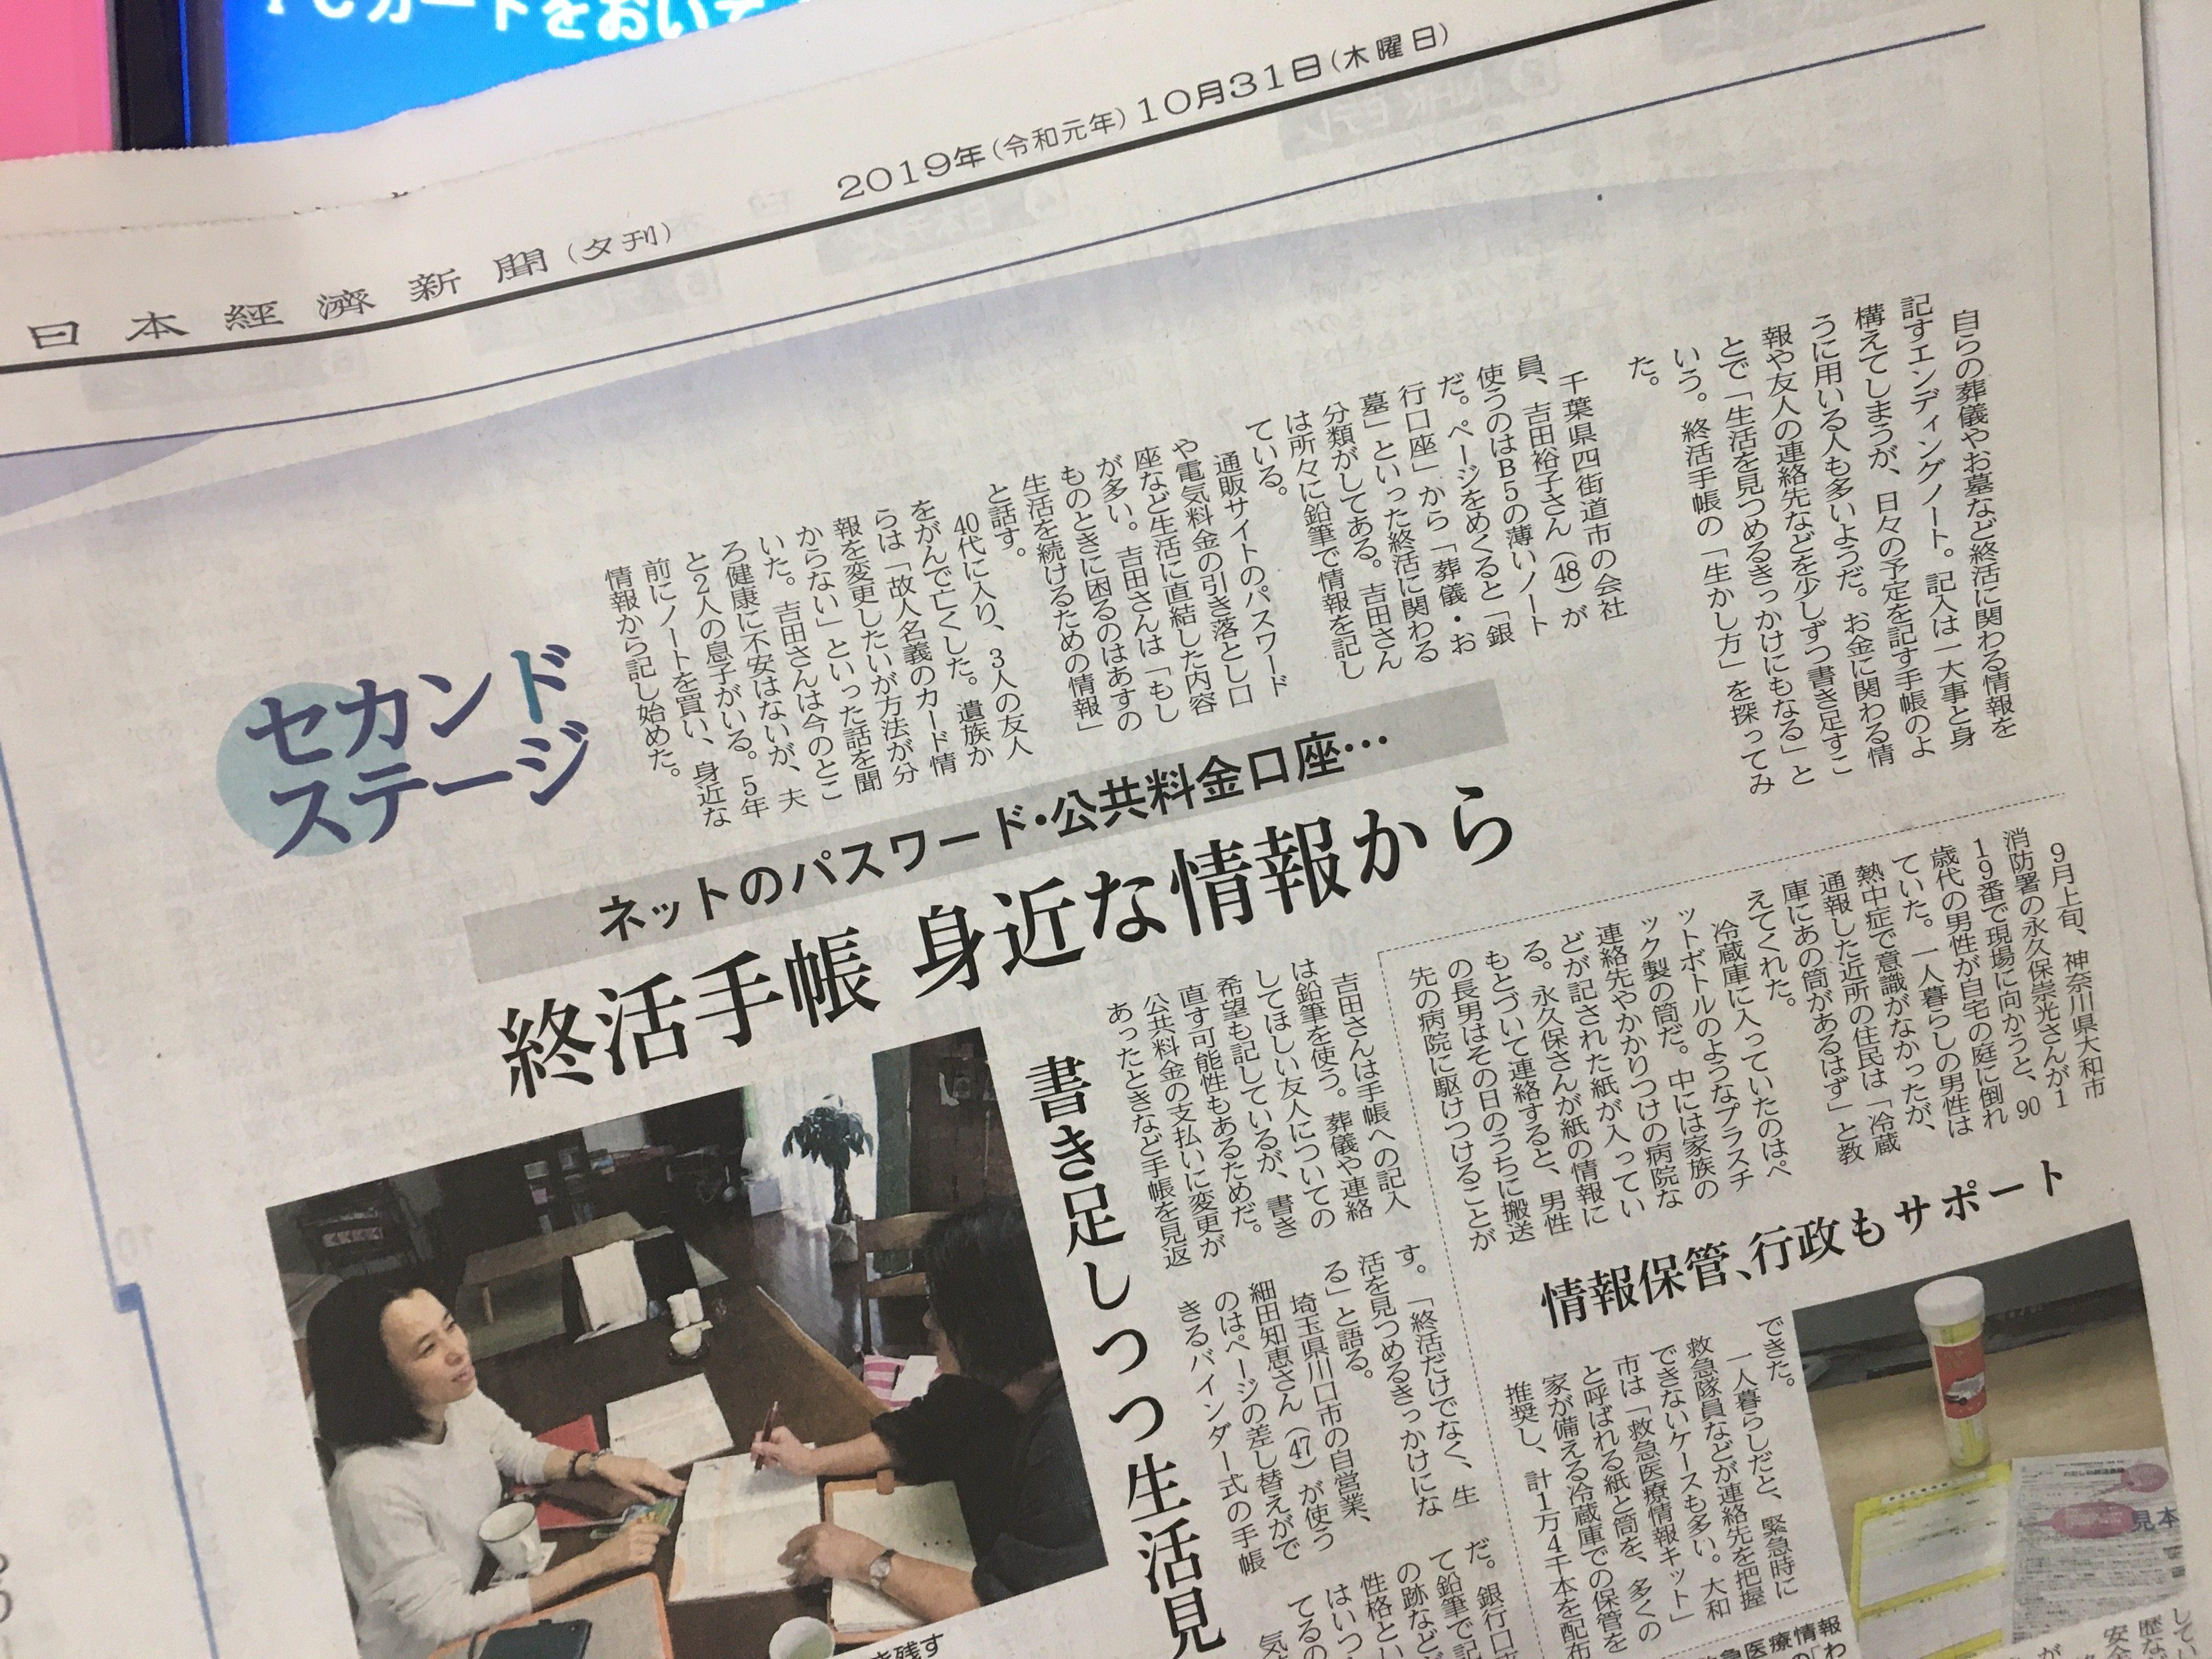 行政書士阿部隆昭が著作・企画・監修したエンディングノートのインタビュー記事が日経新聞に掲載されました!|行政書士阿部総合事務所